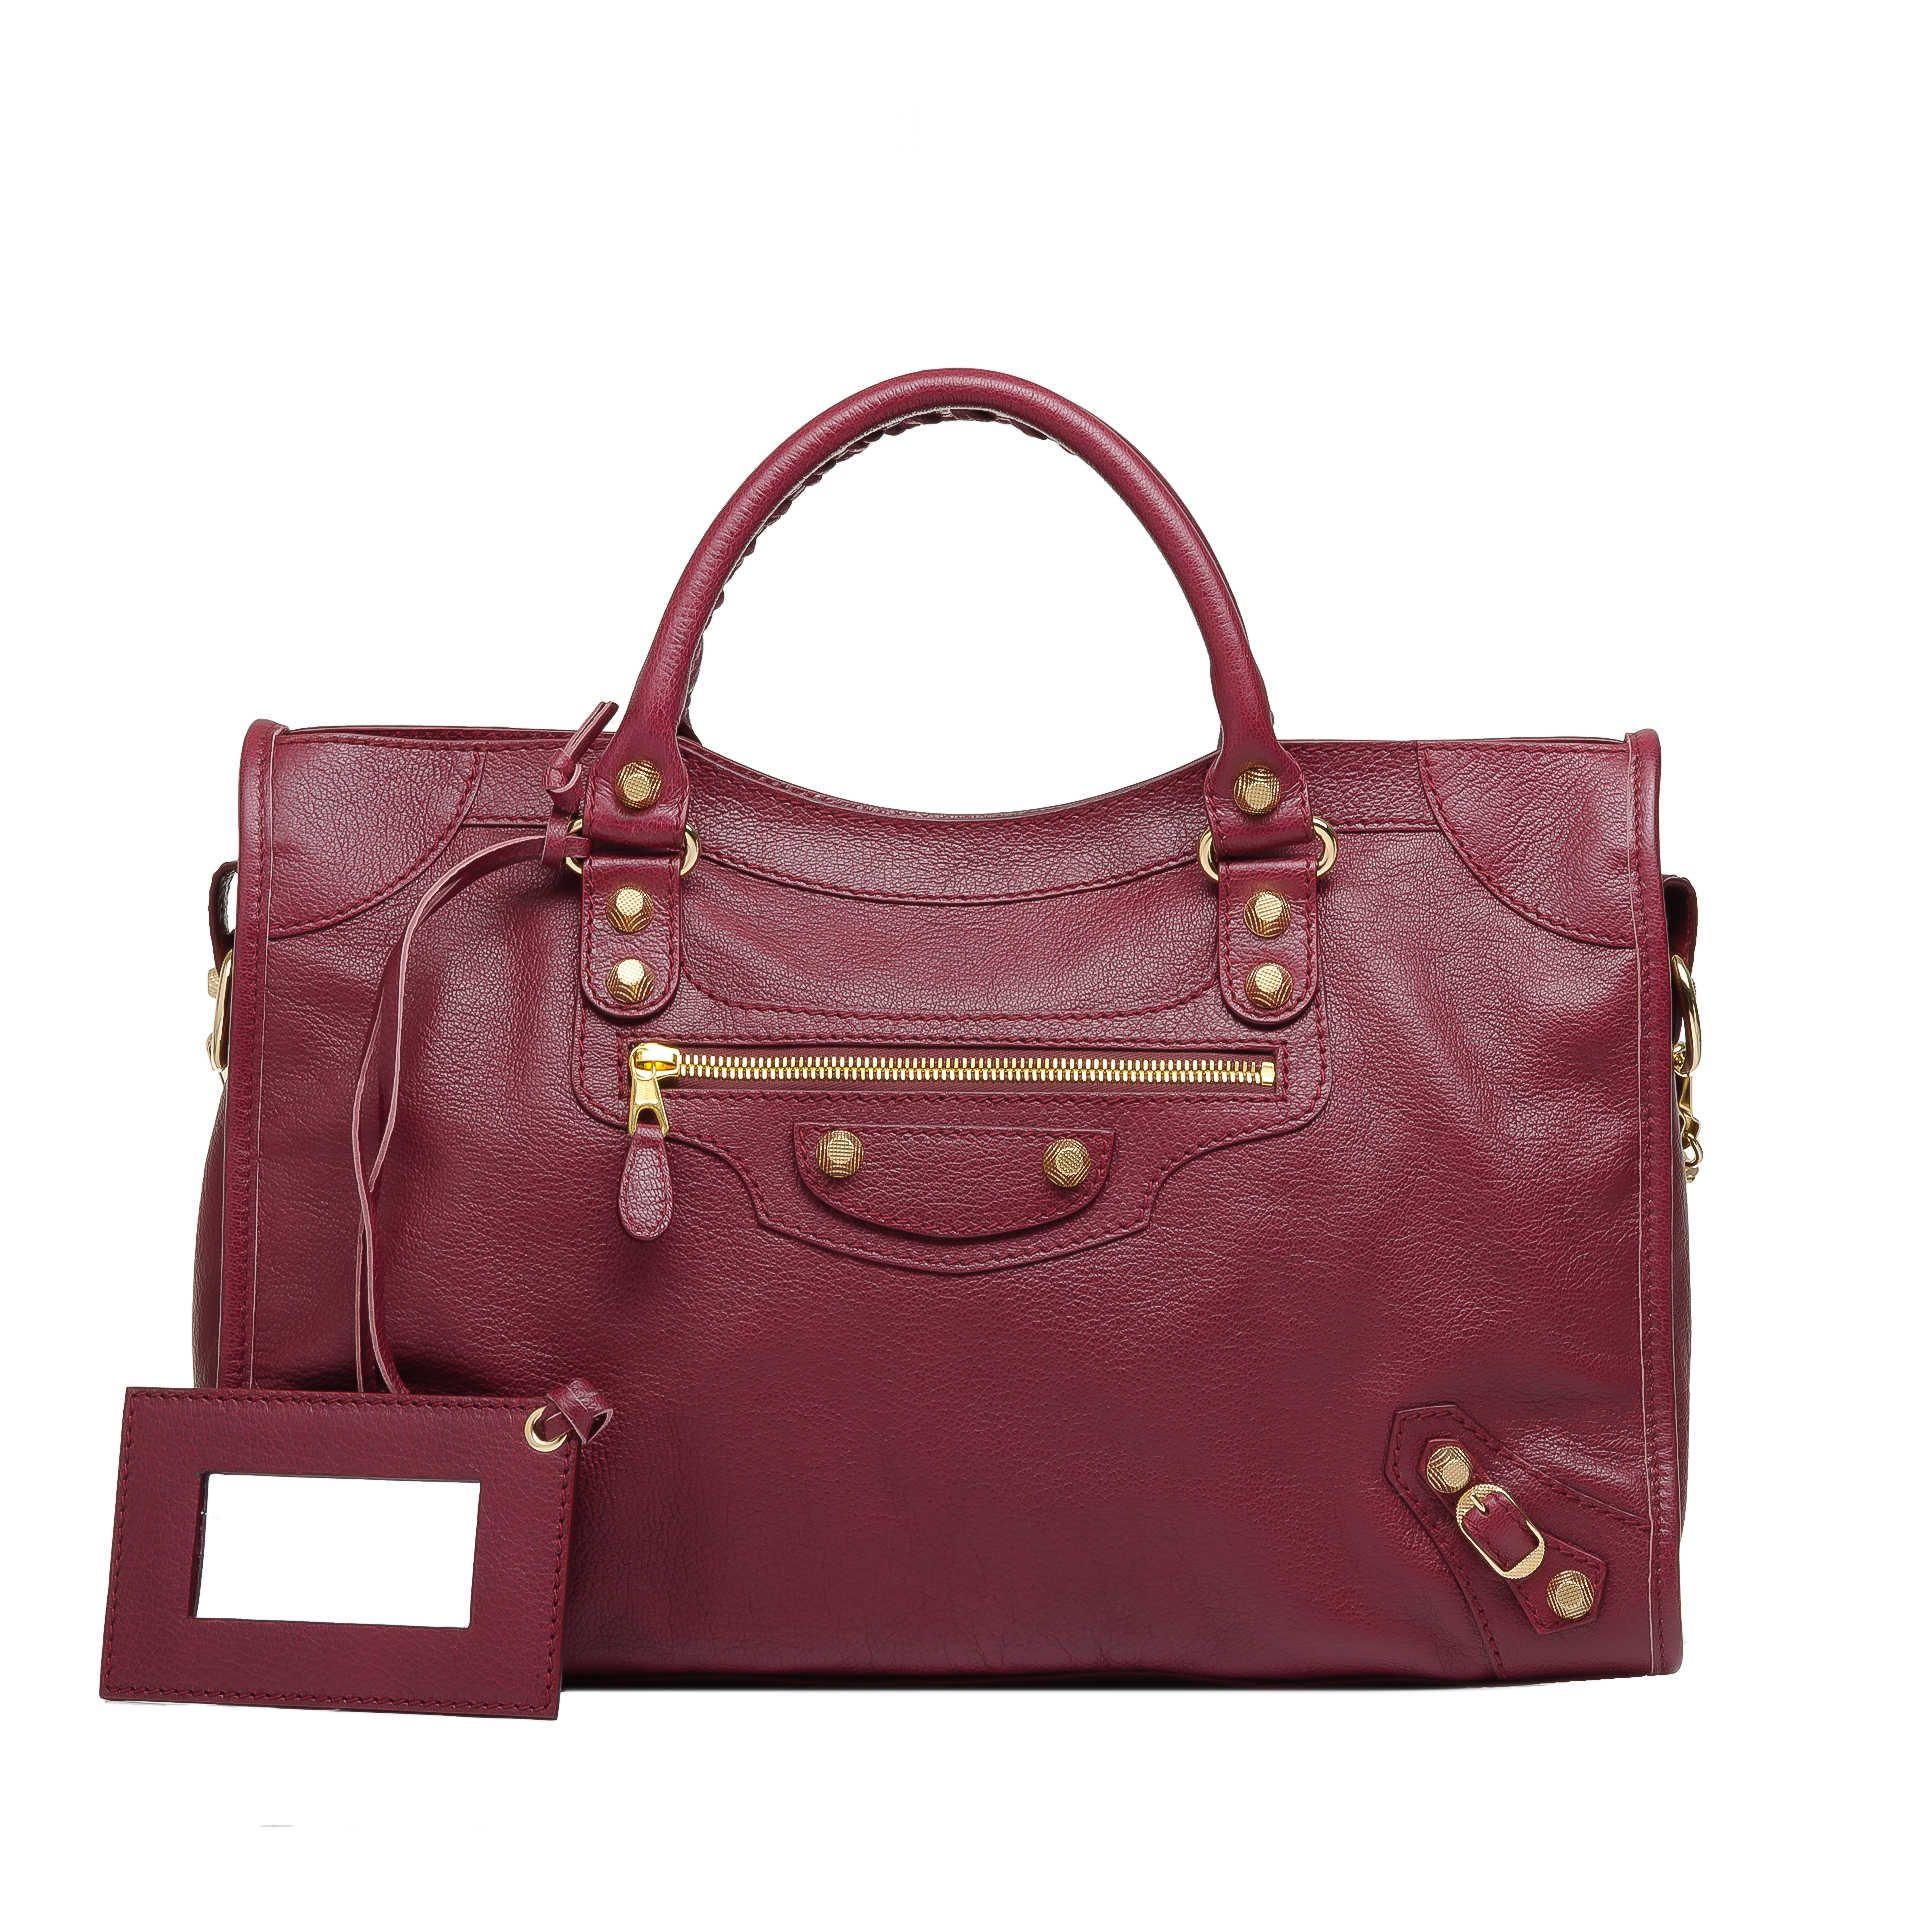 a1b53eb0d187 Balenciaga Hamilton Bordeaux City mGGH - my first Balenciaga bag ...